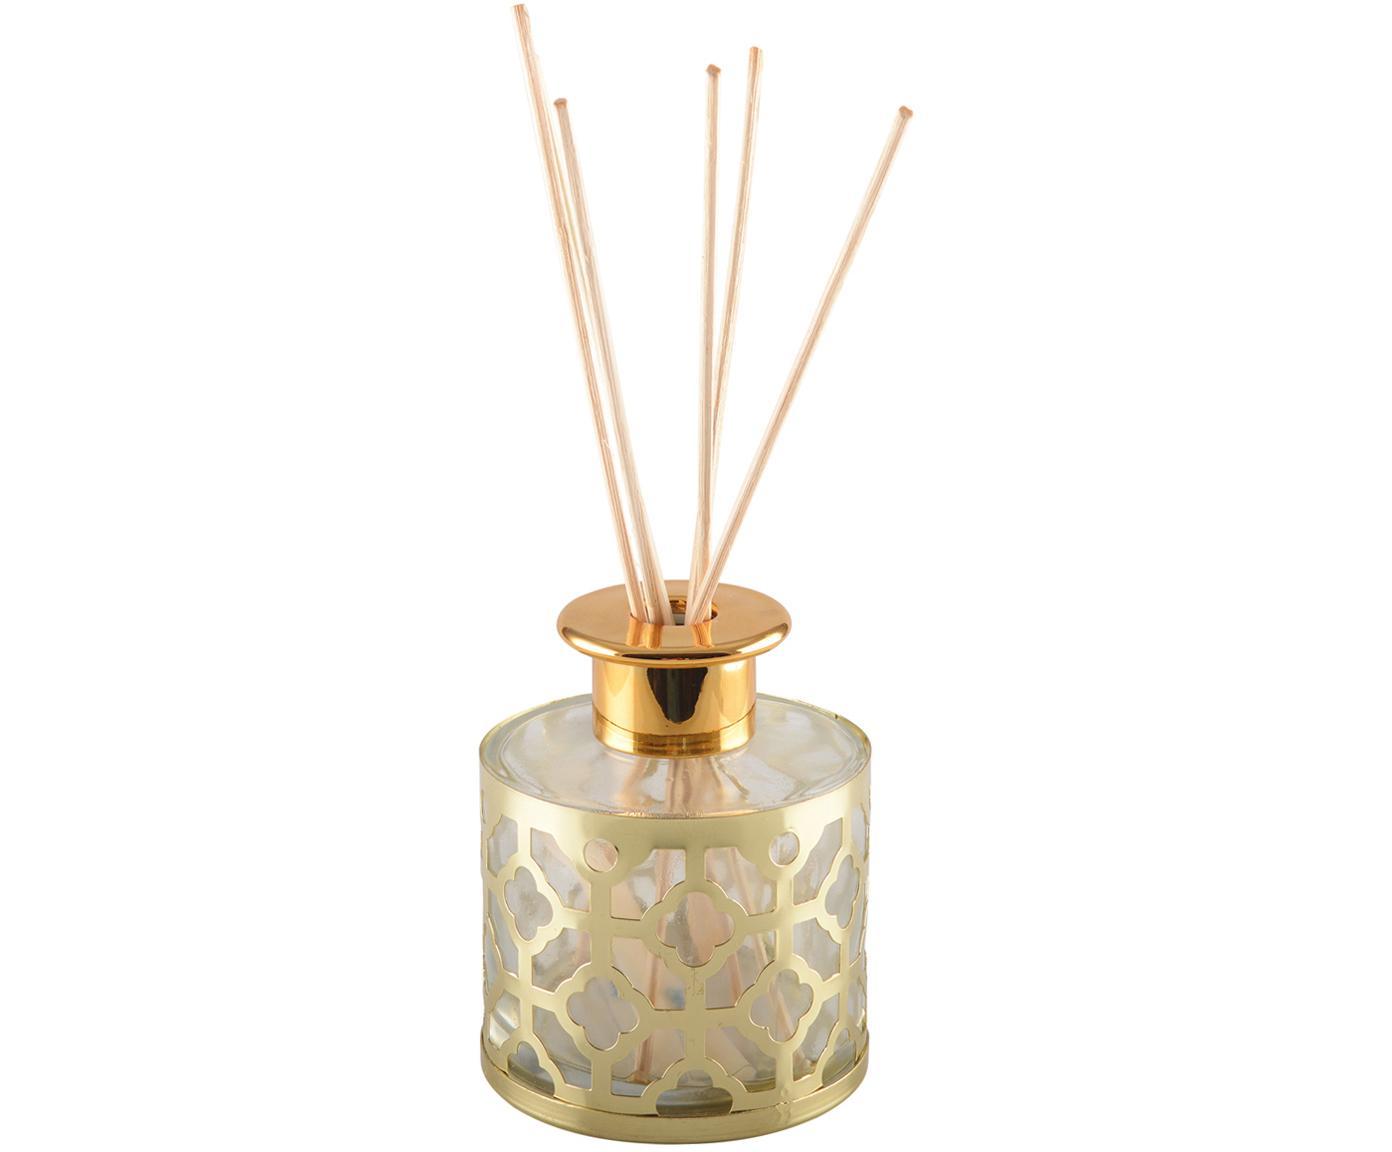 Diffuser Helion (Vanille), Metall, Glas, Duftöl, Stäbchen Holz, Goldfarben, Transparent, Ø 9 x H 24 cm